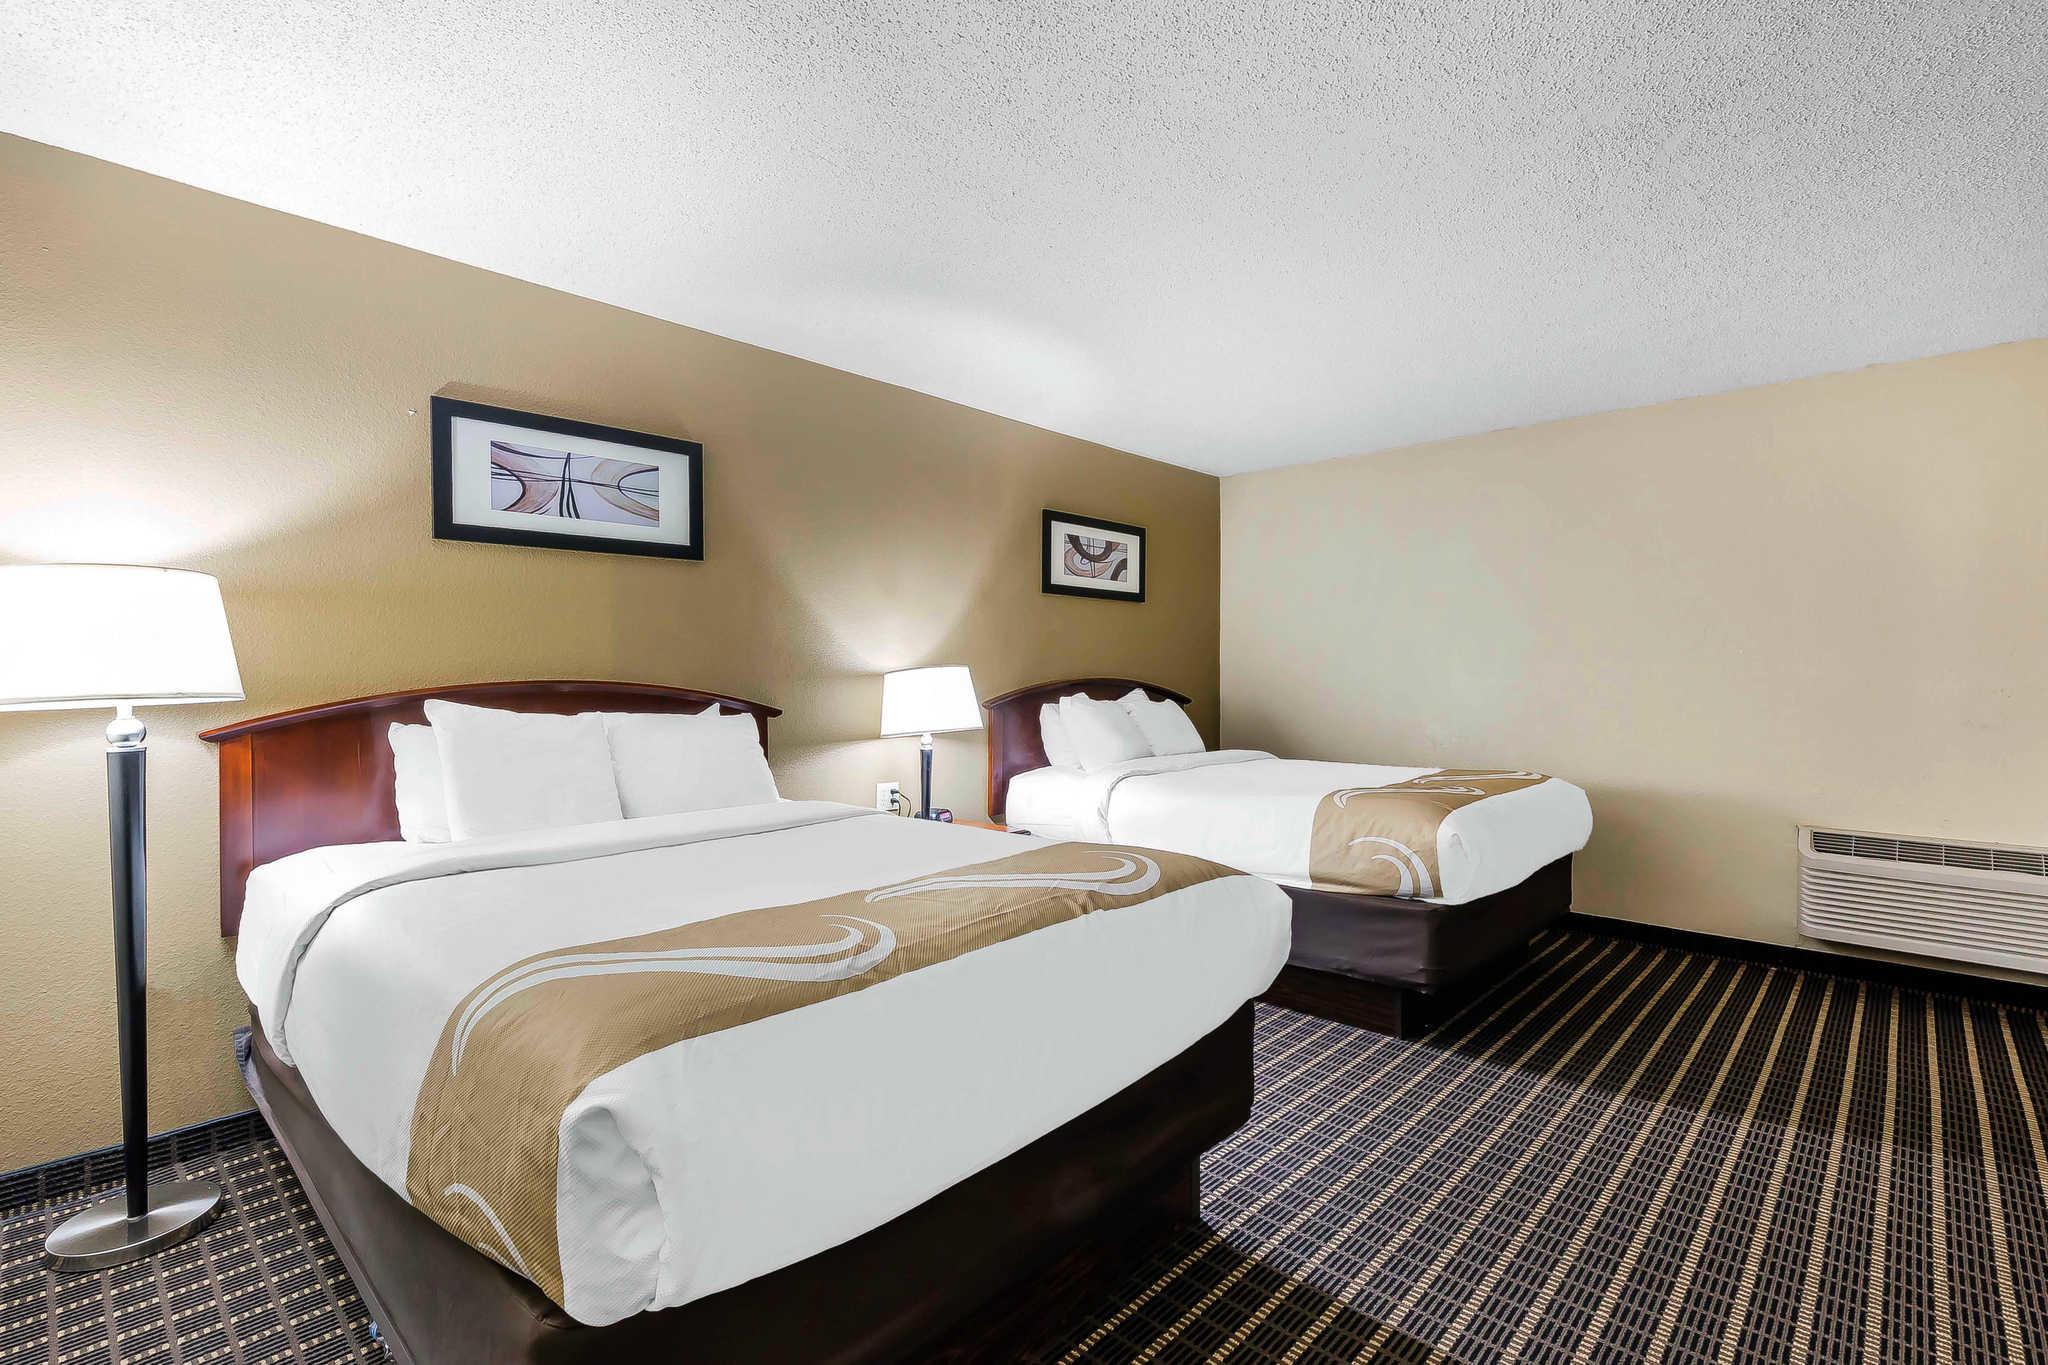 Quality Inn & Suites River Suites image 10